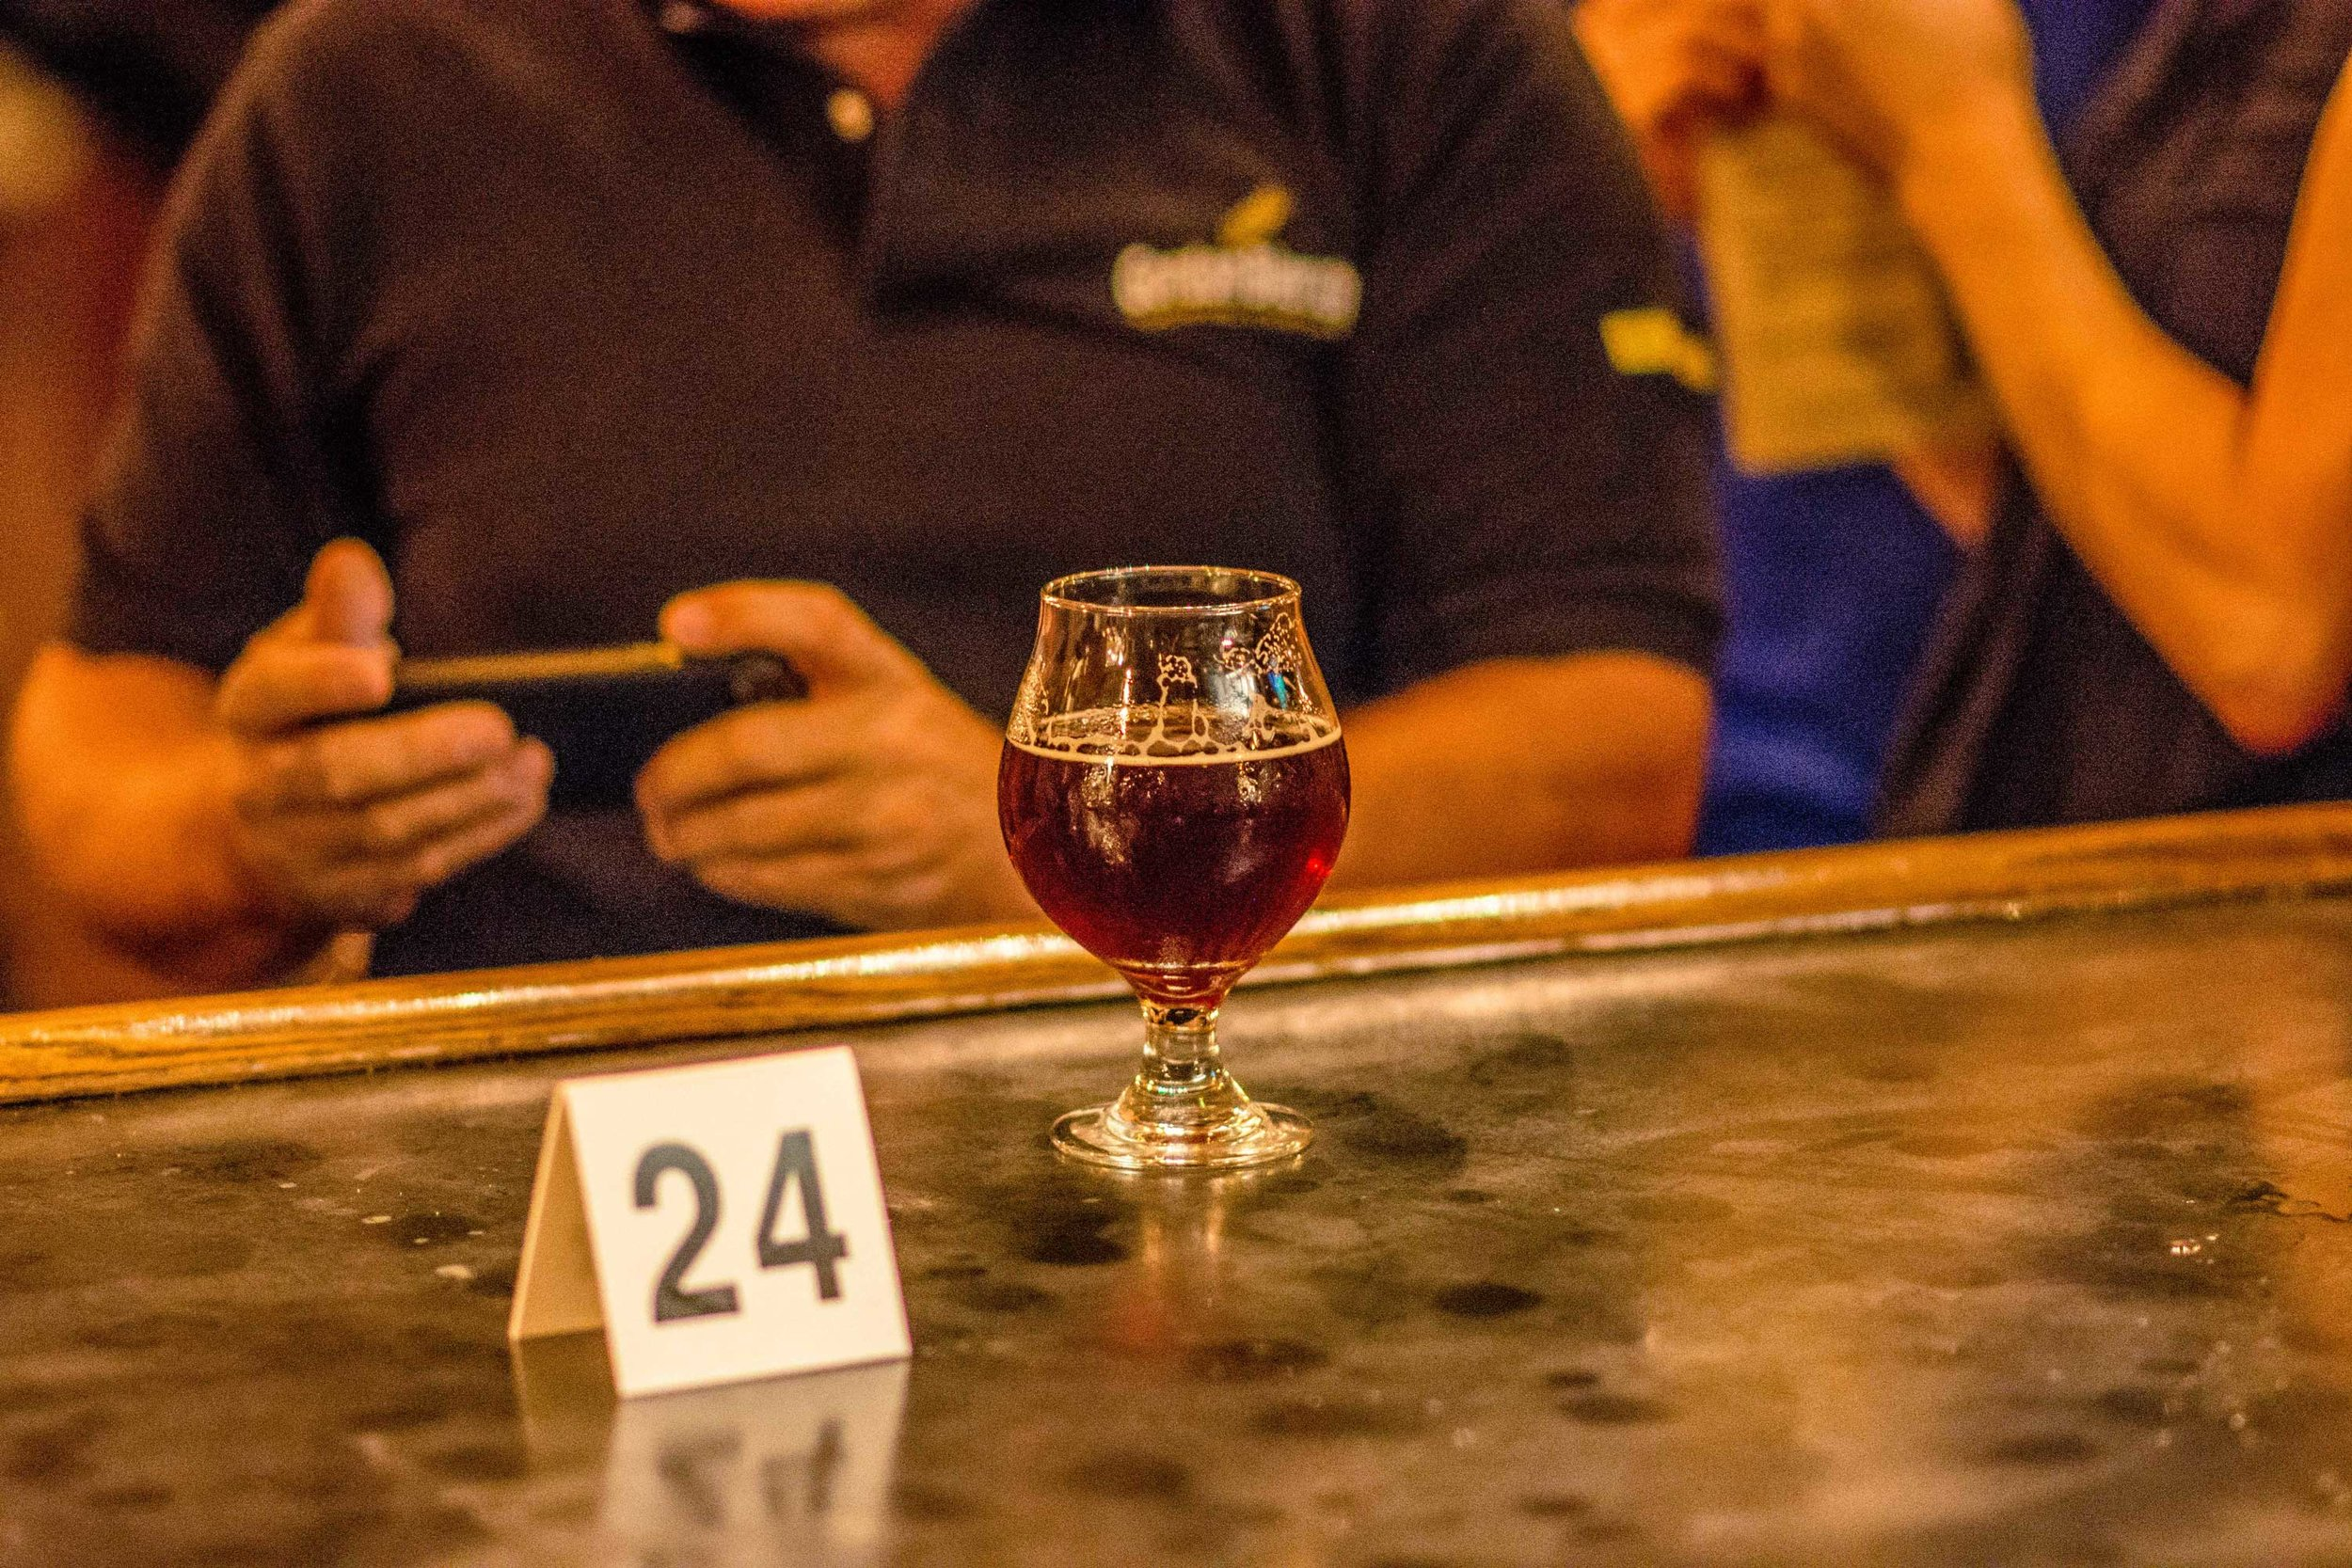 beer-and-number.jpg